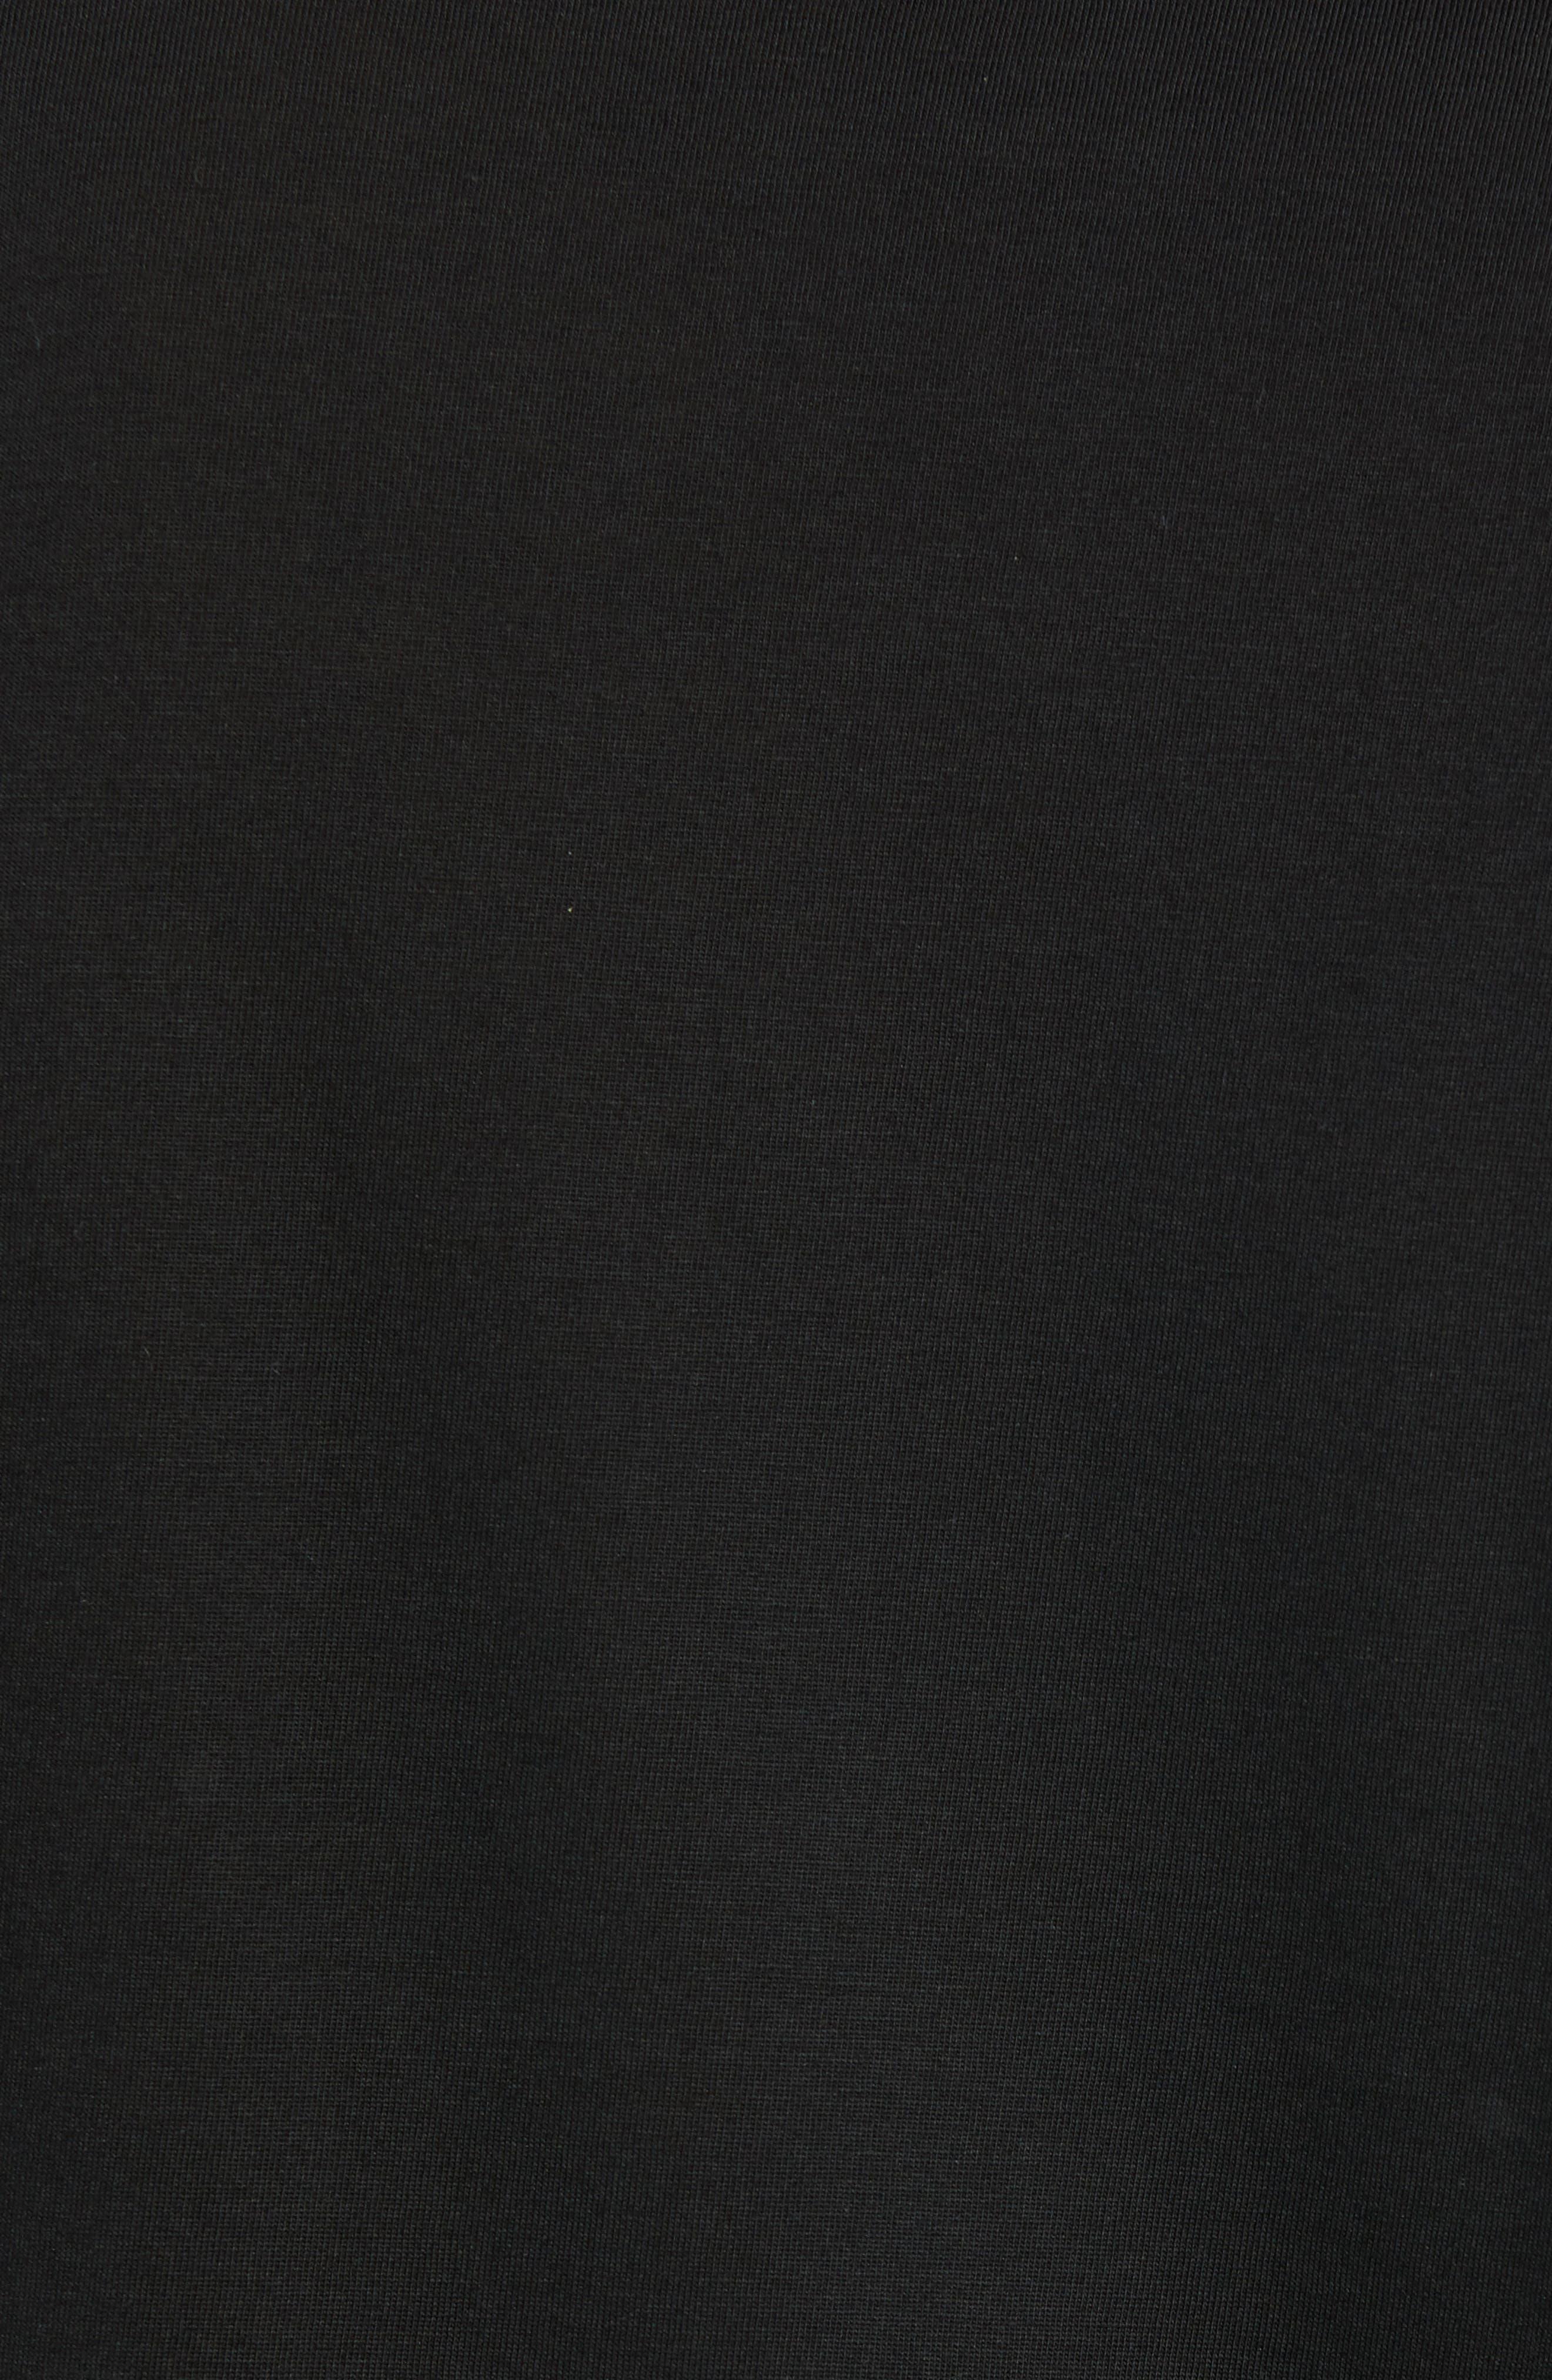 Long Sleeve Pima Cotton T-Shirt,                             Alternate thumbnail 5, color,                             BLACK